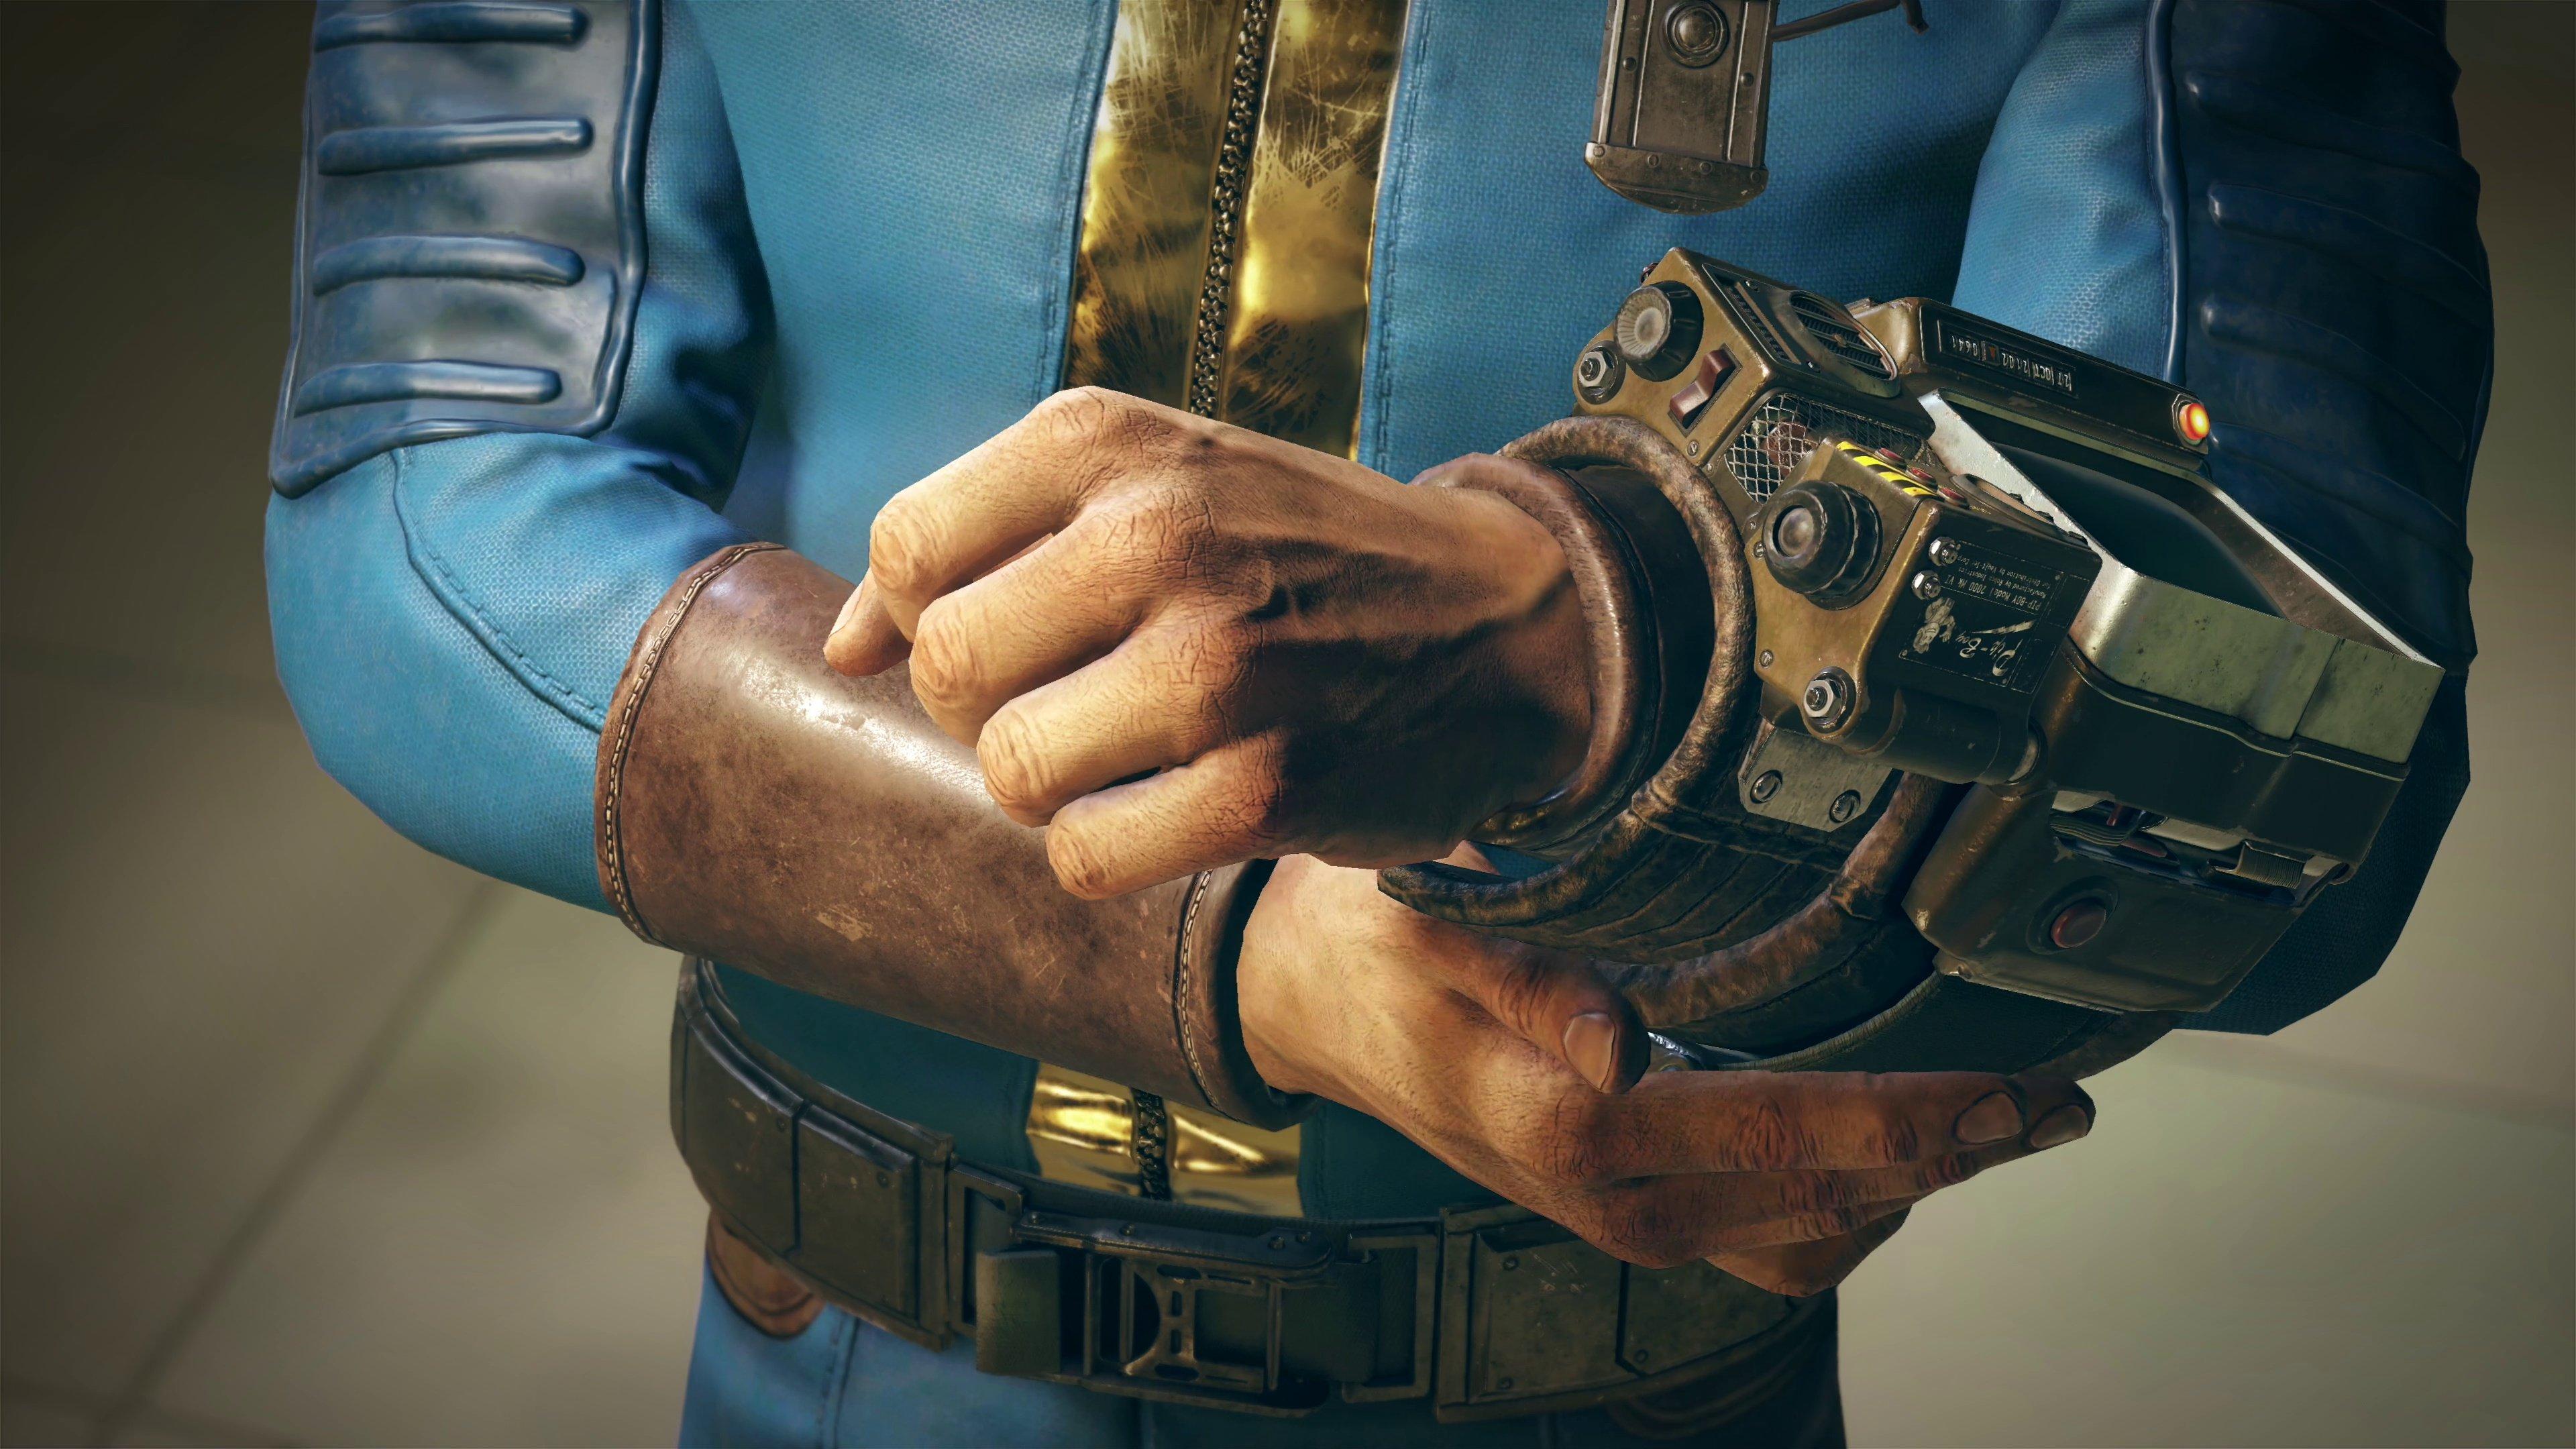 Todd Howard dit qu'il n'y a pas de cross-play dans Fallout 76 grâce à Sony